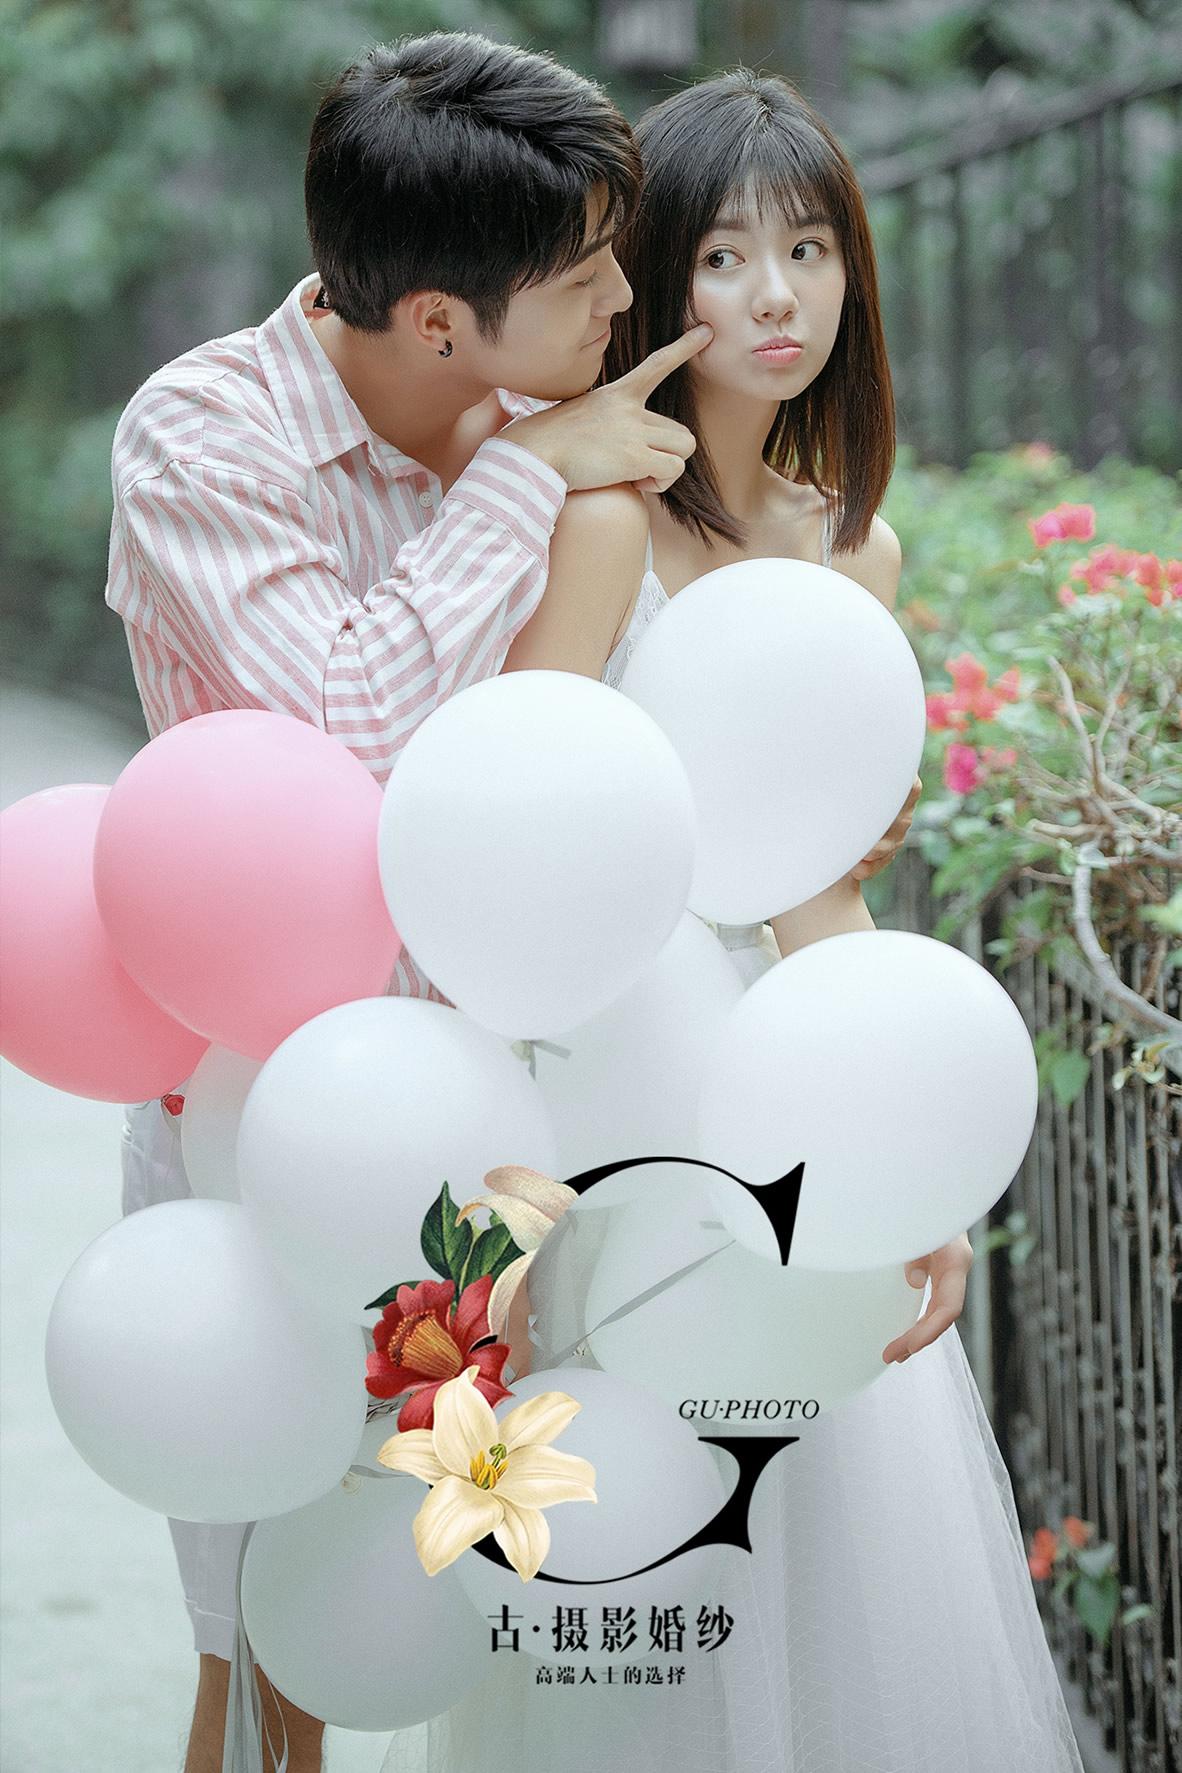 创意园《告白气球》 - 拍摄地 - 广州婚纱摄影-广州古摄影官网